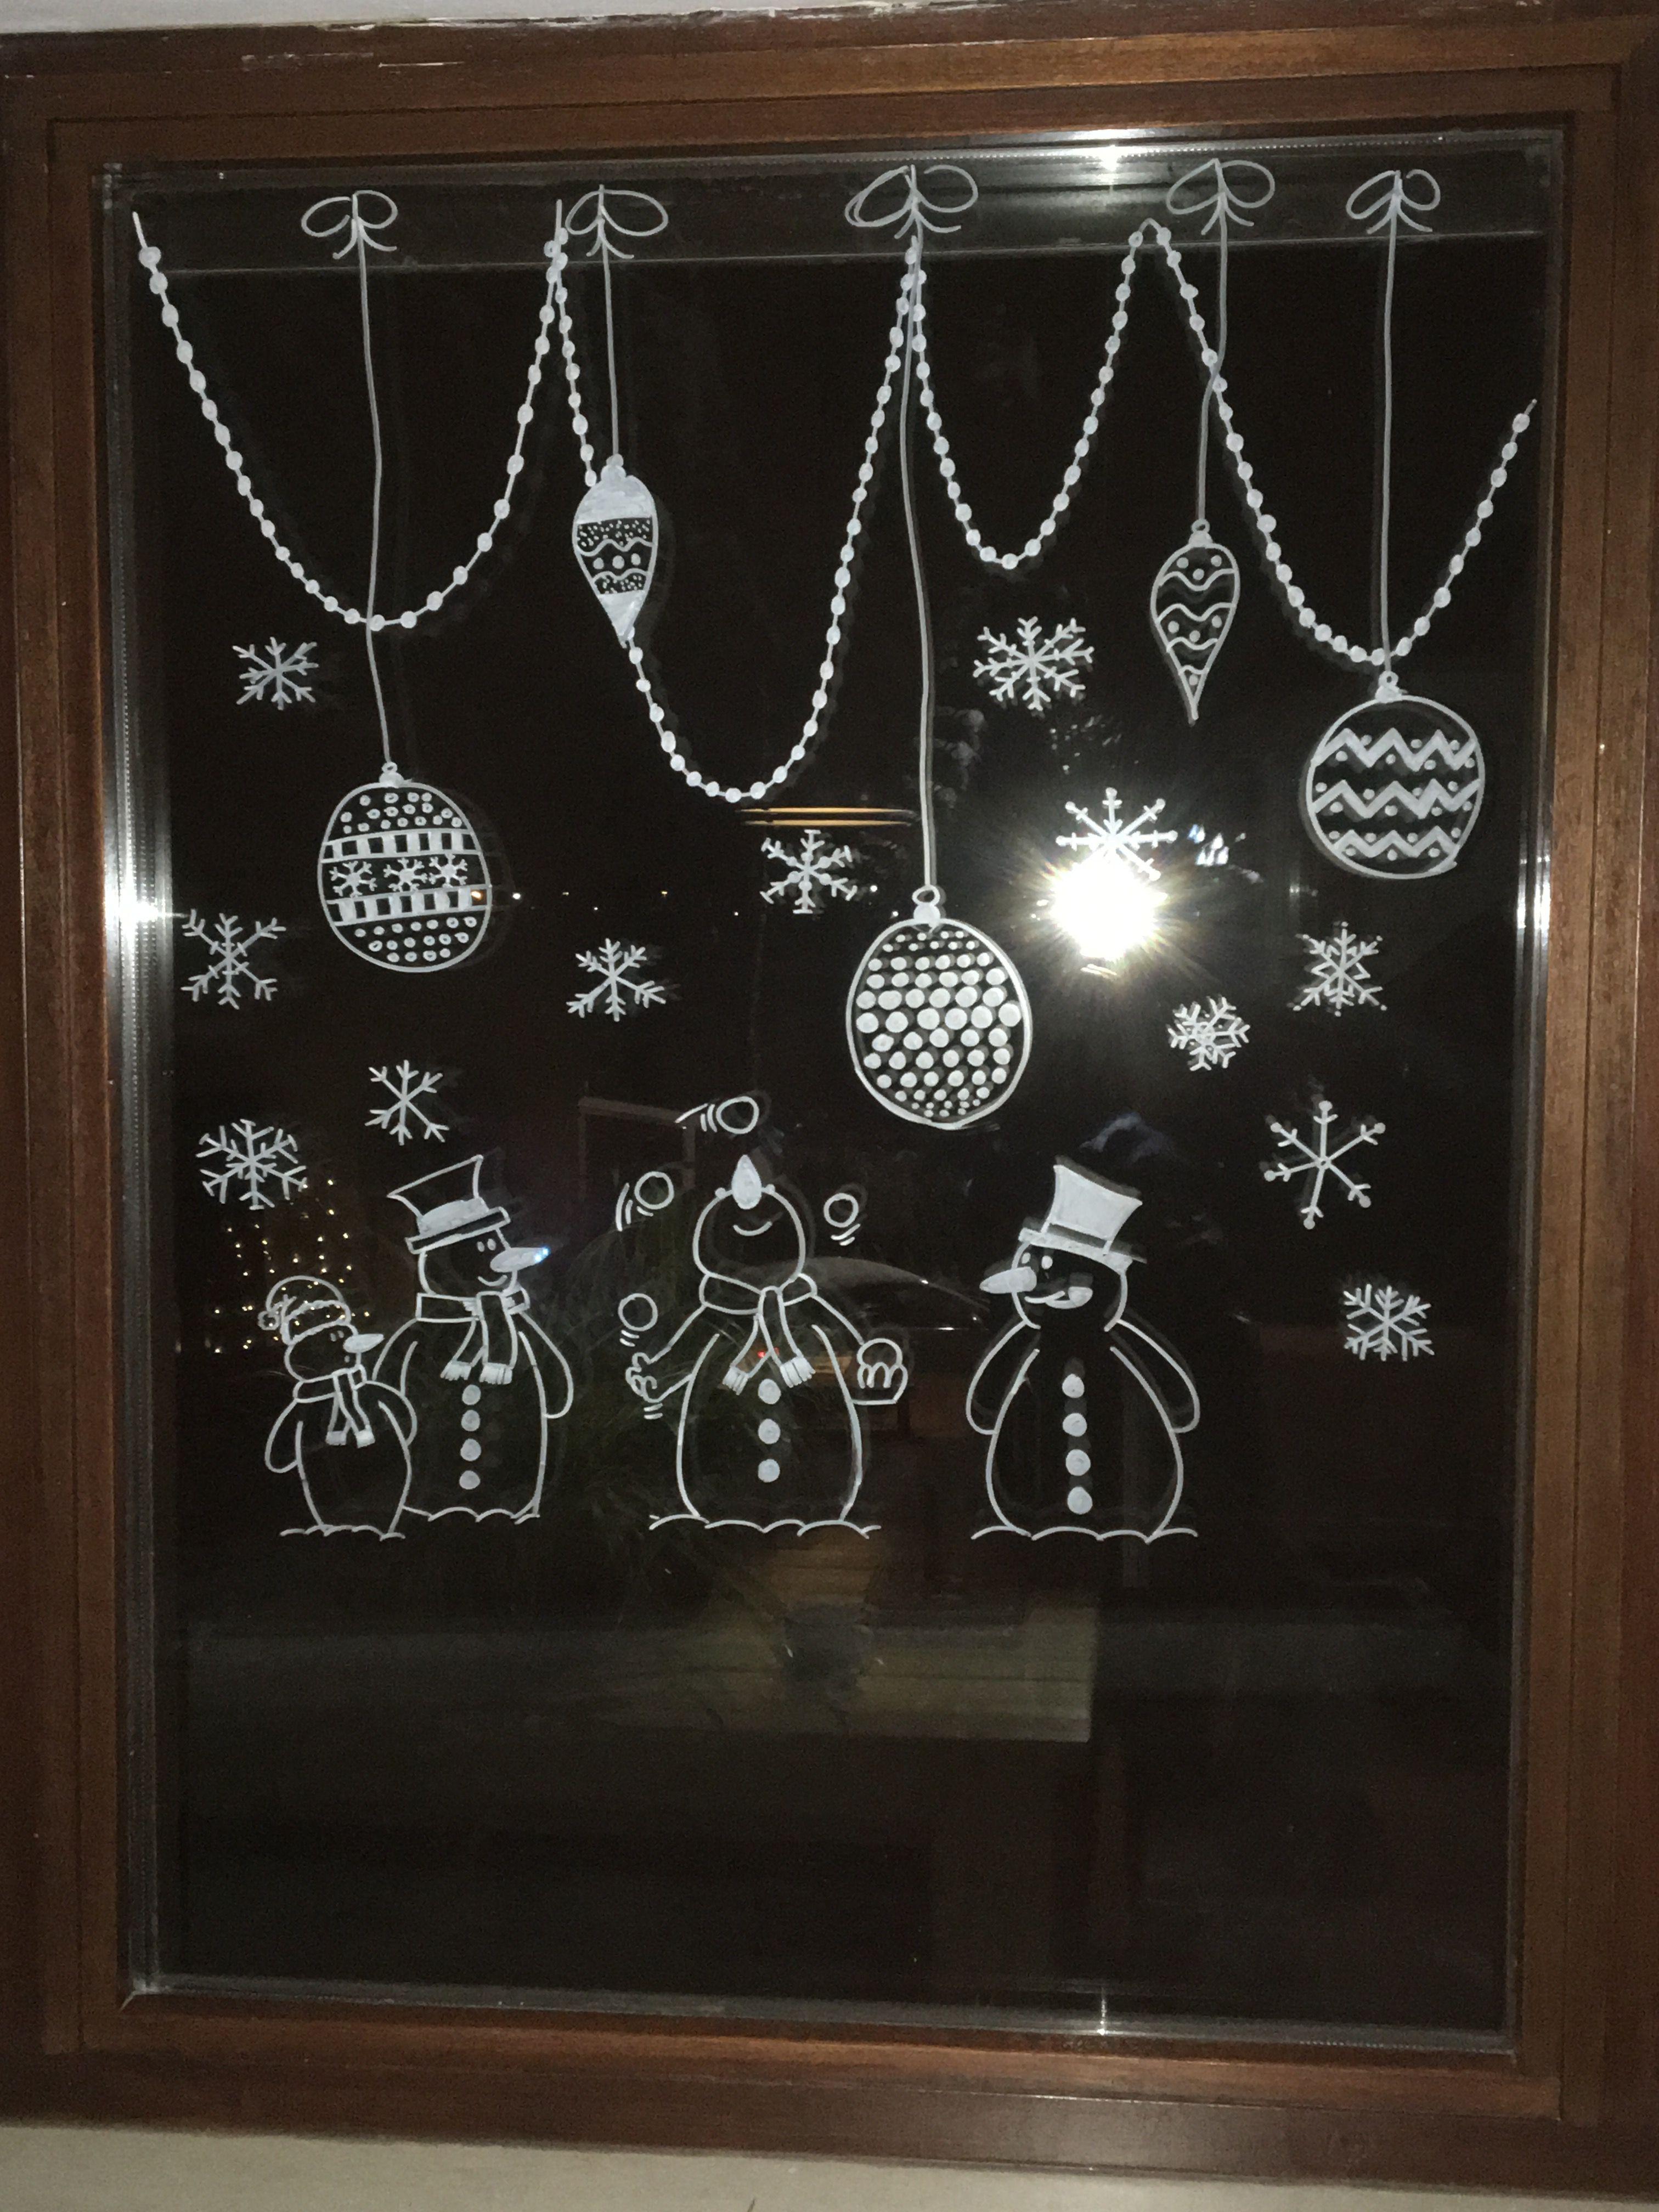 Kreidestifte f/ür Fenster 8 St/ück Kreidemarker f/ür Tafel Glas Board Whiteboard Neon Fensterstifte Fensterkreide Abschwaschbar /& Fluoreszierend